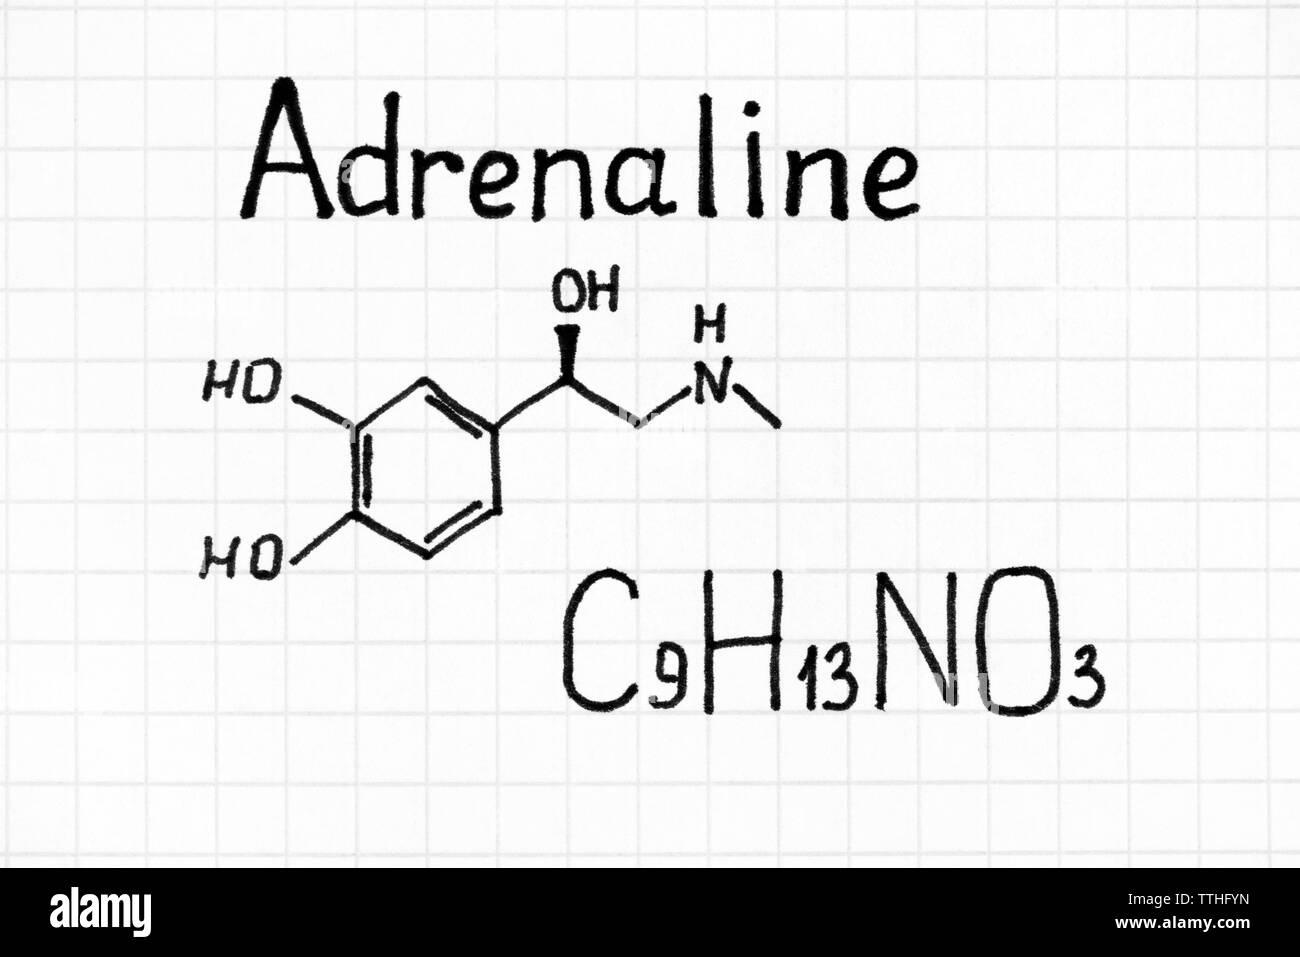 Scrittura di una formula chimica di adrenalina. Close up. Immagini Stock